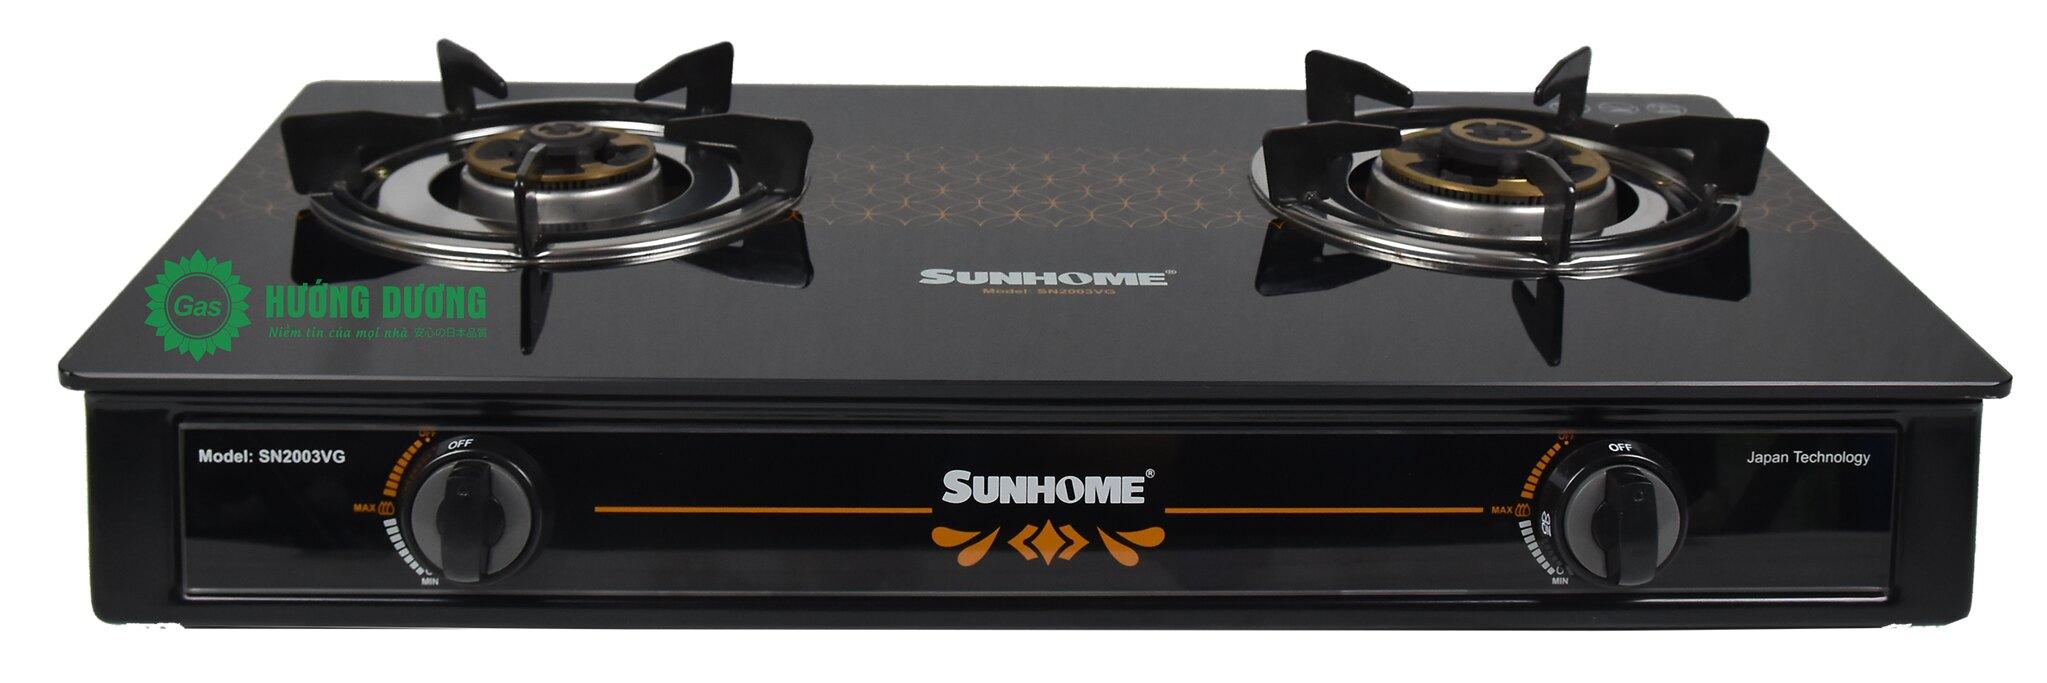 Sunhome SN 2003VG